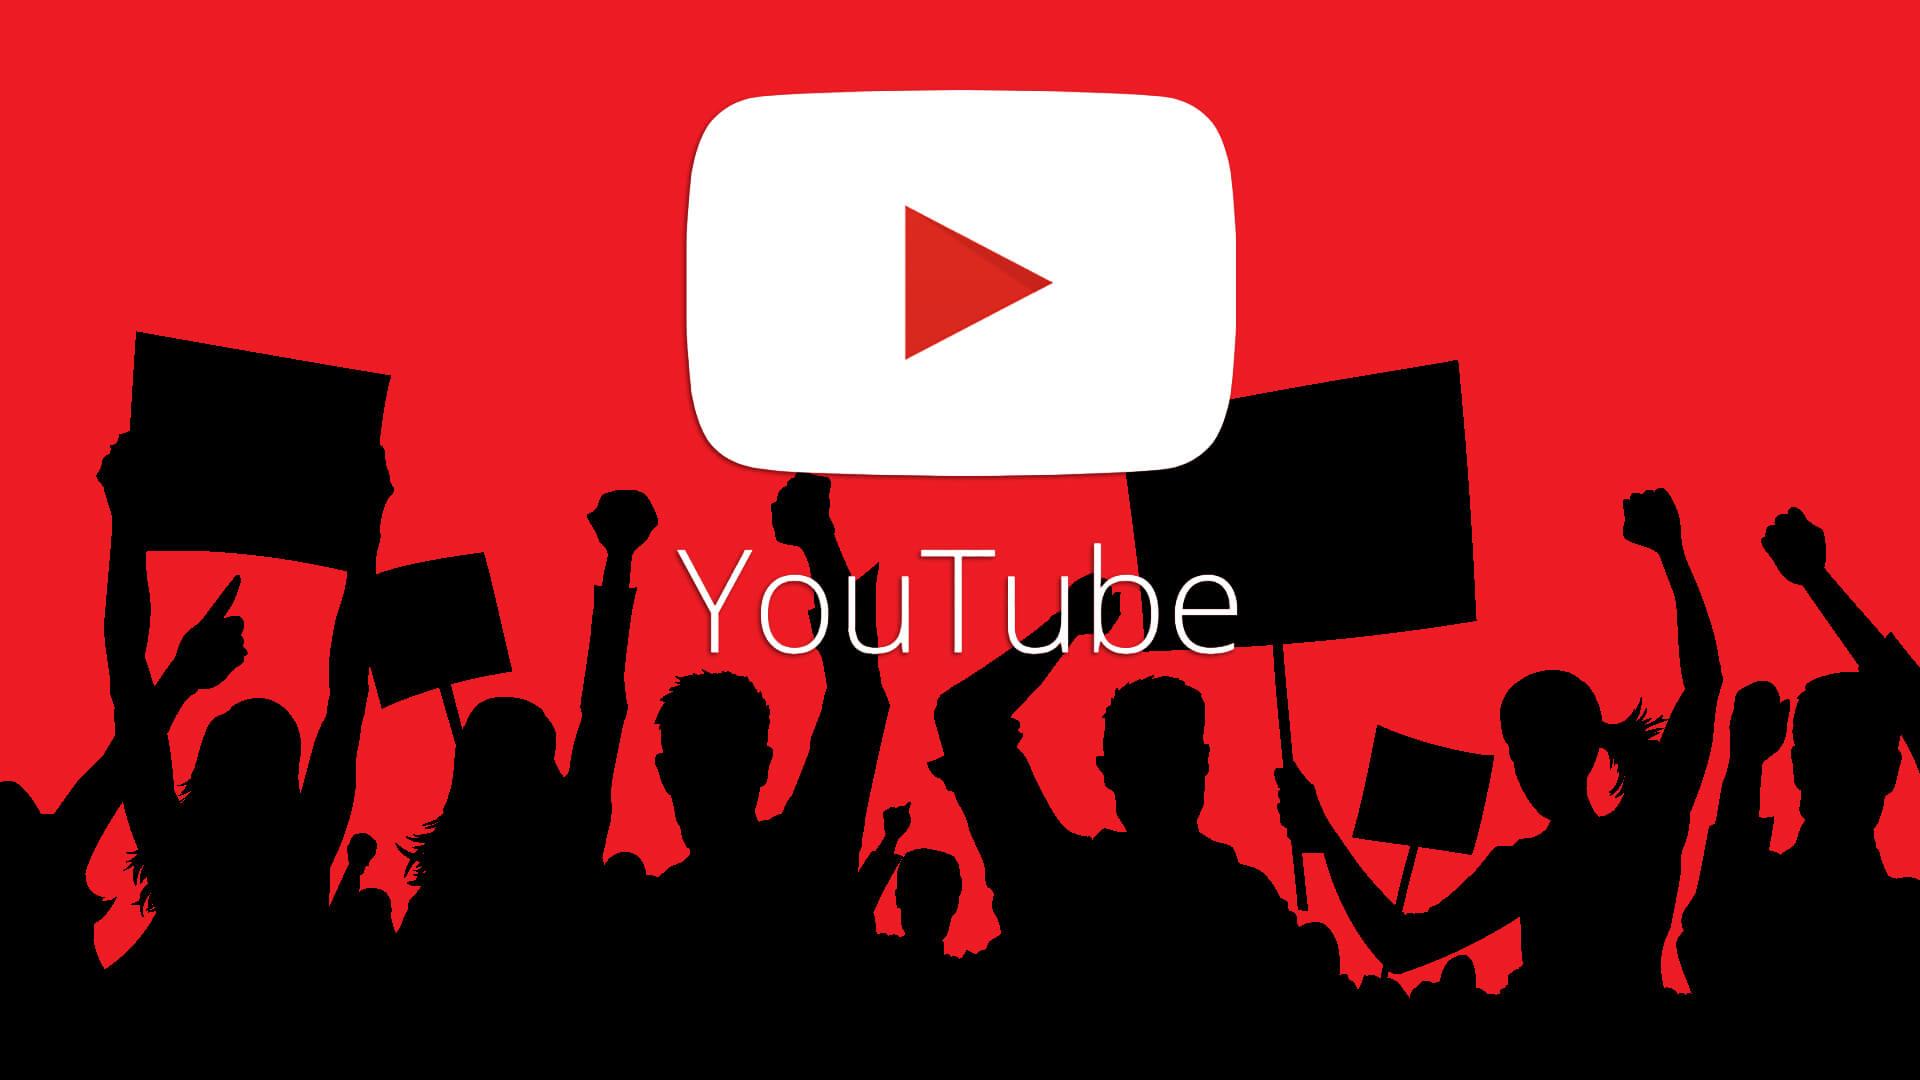 یوتیوب لقب محبوبترین شبکه اجتماعی آمریکا را از آن خود کرد